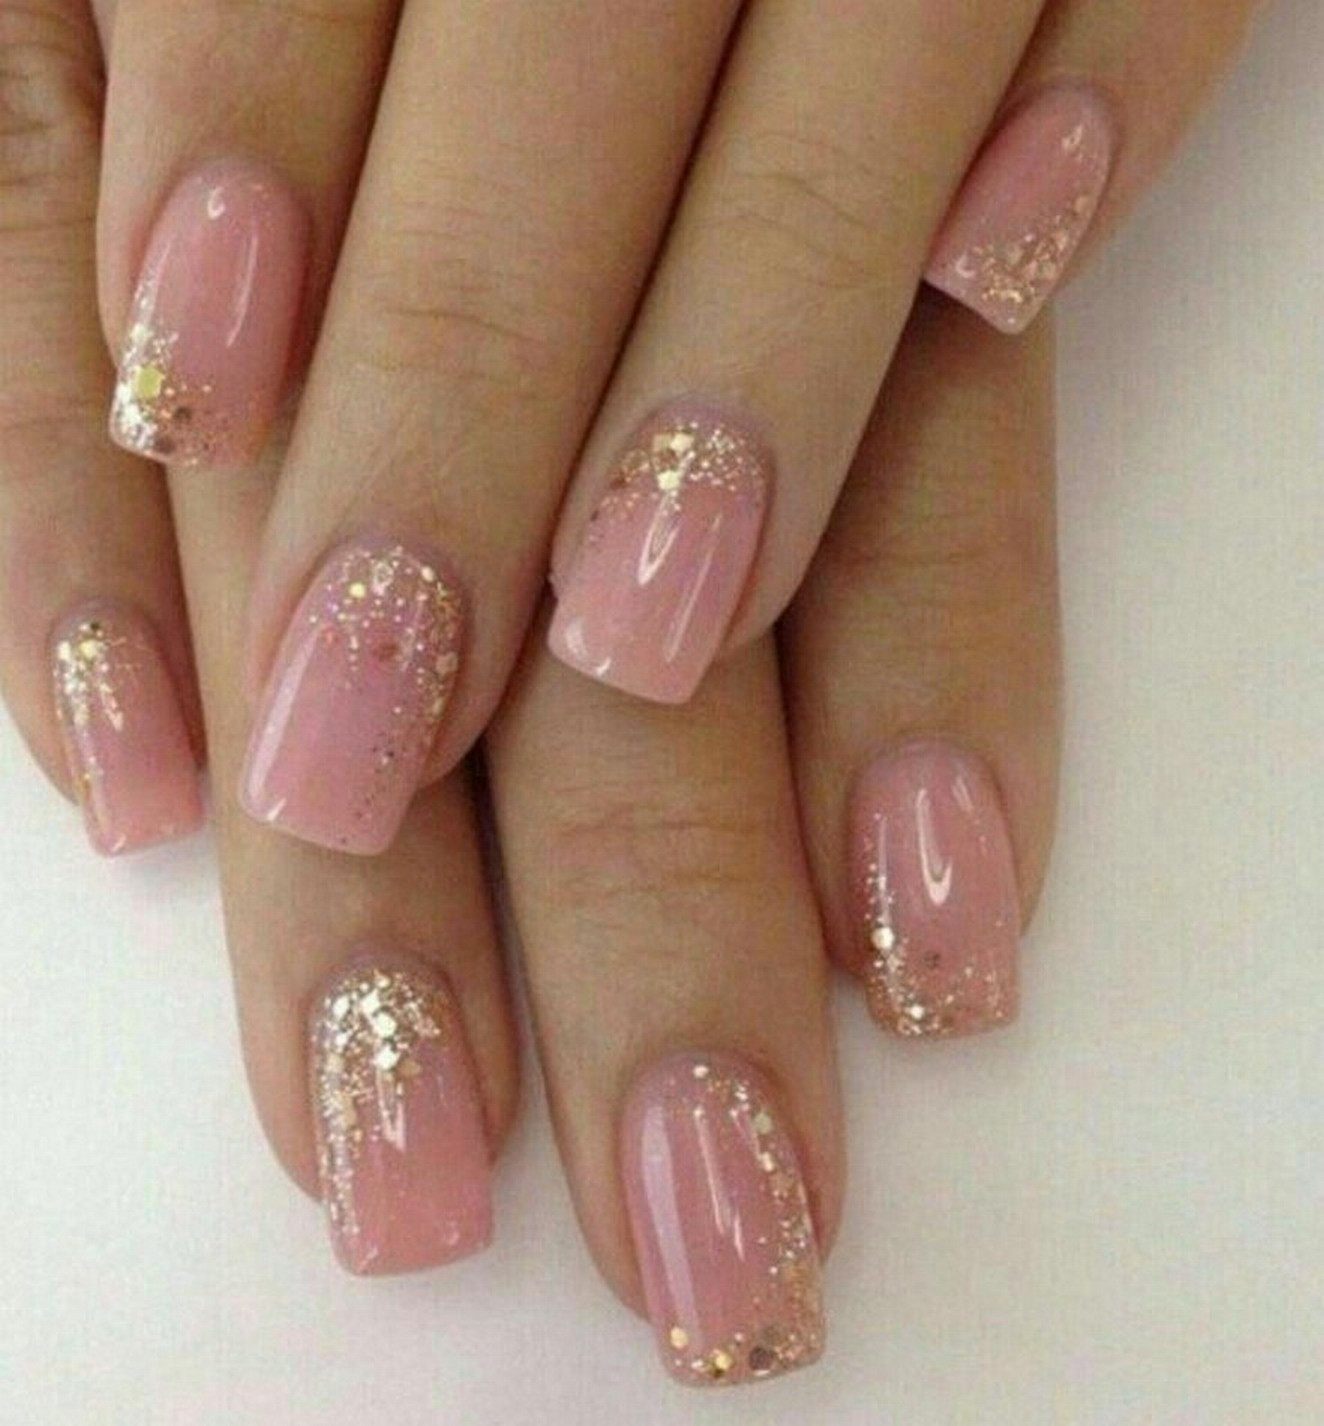 Glitter Nail Designs For Short Nails  56 Glitter Gel Nail Designs For Short Nails For Spring